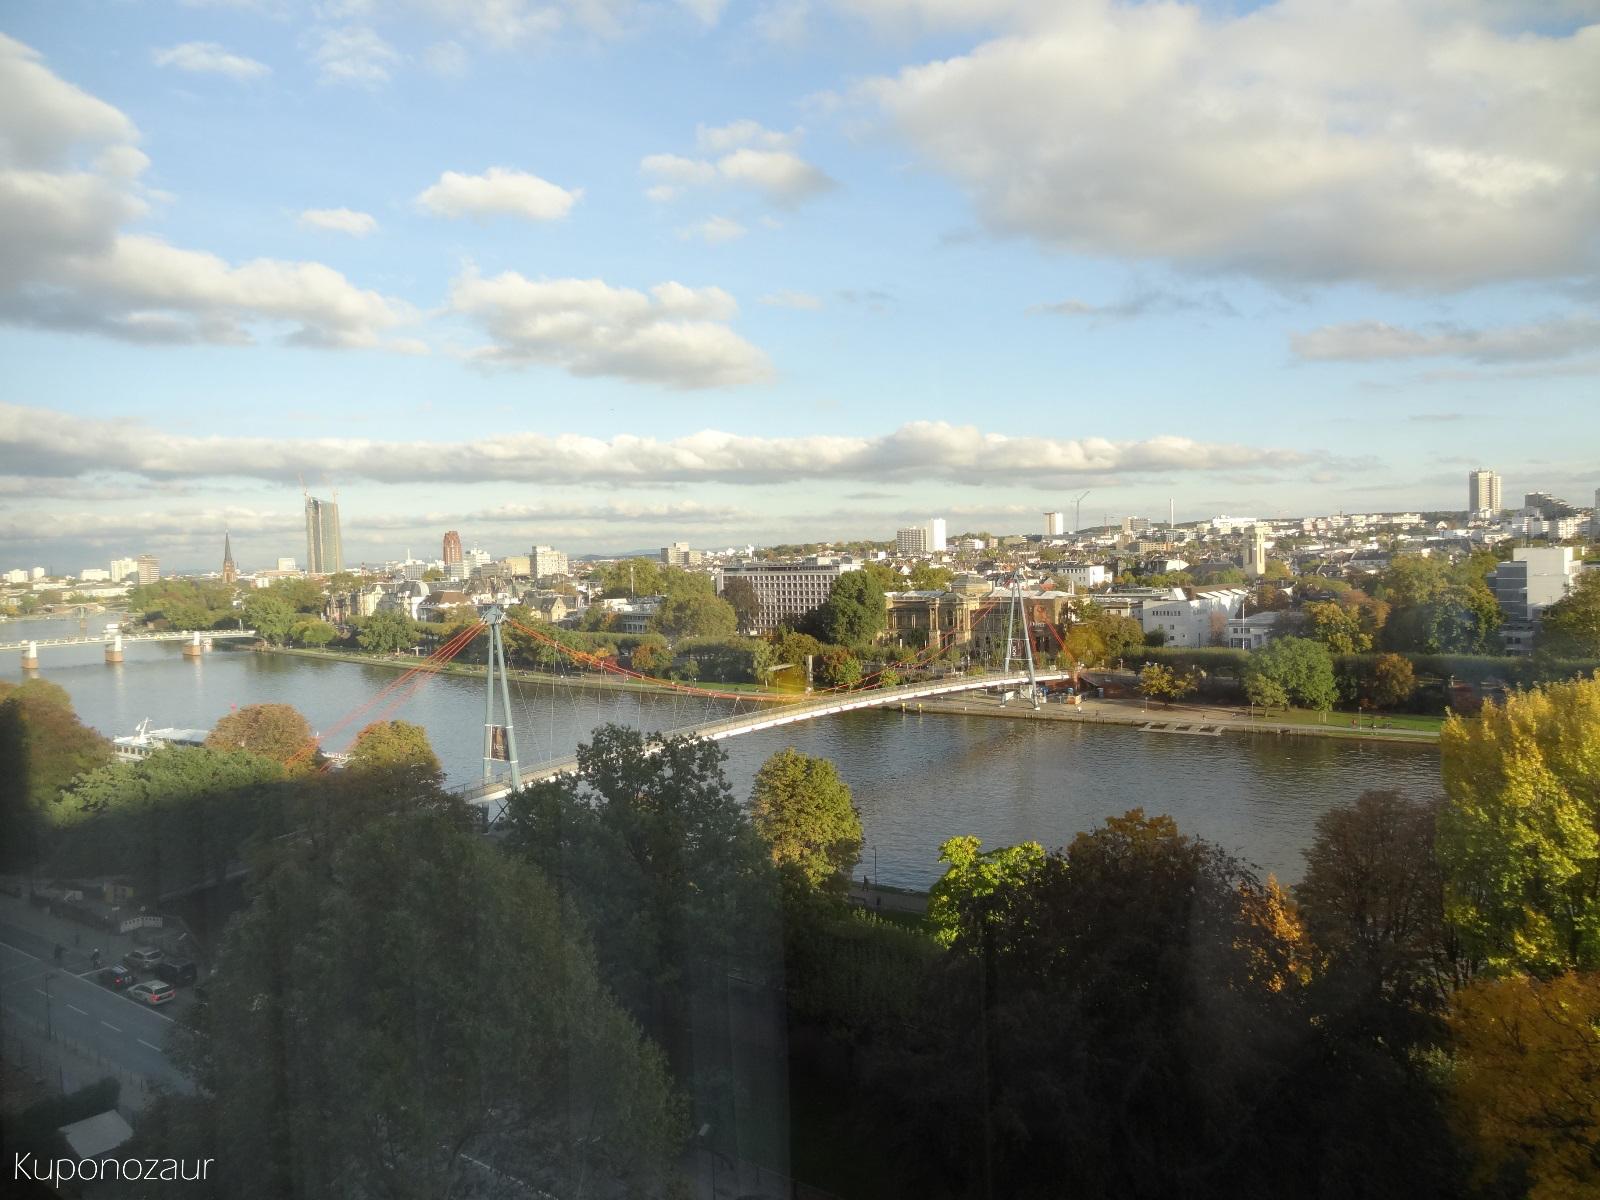 Hotel InterContinental Frankfurt widok na rzekę z pokoju